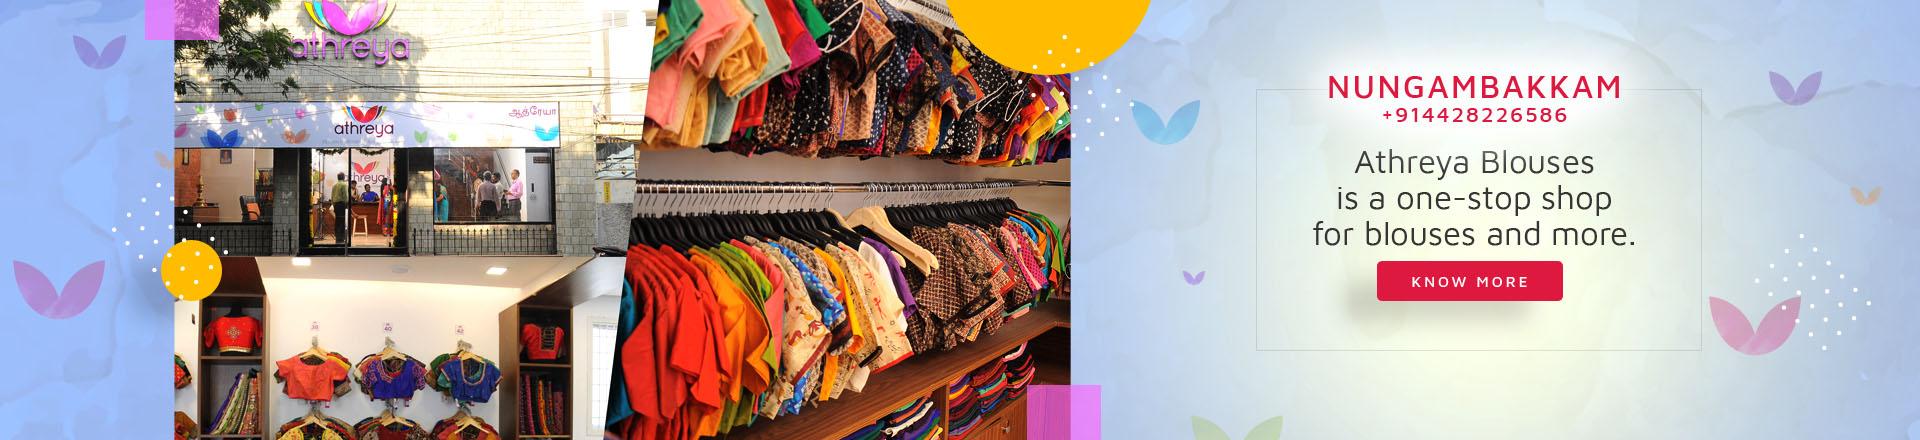 Nungambakkam Shop